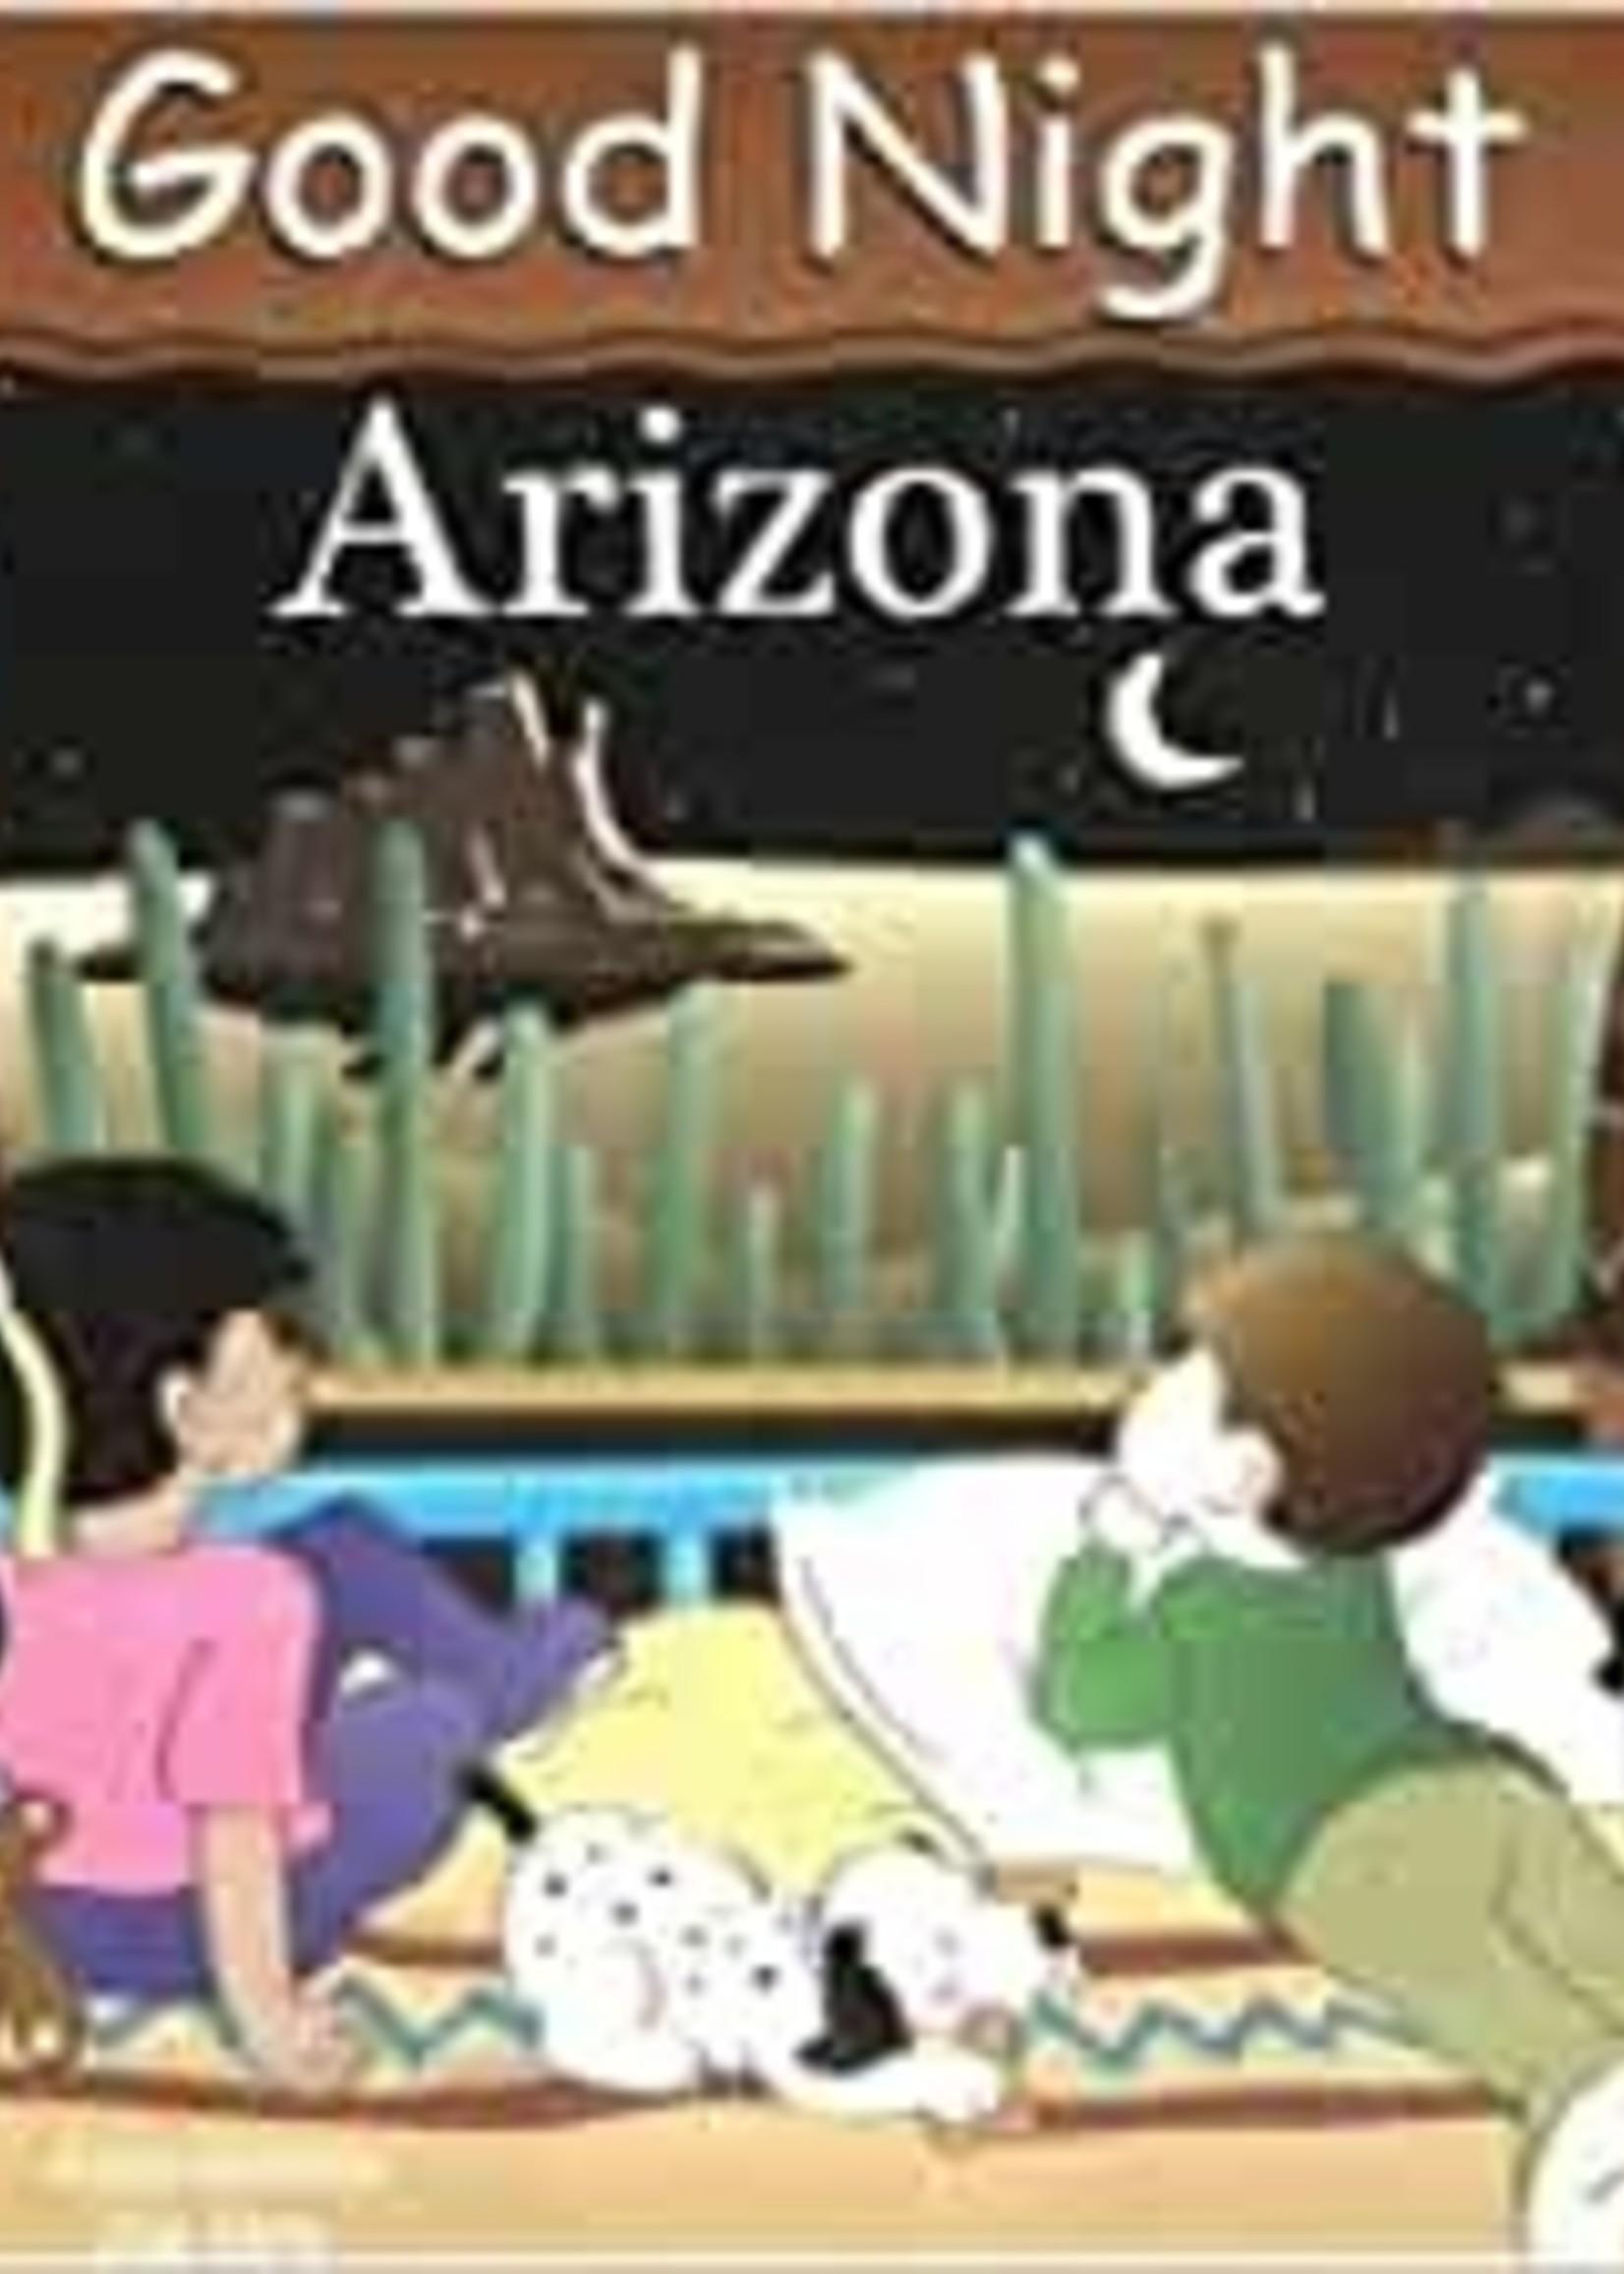 Good Night Arizona